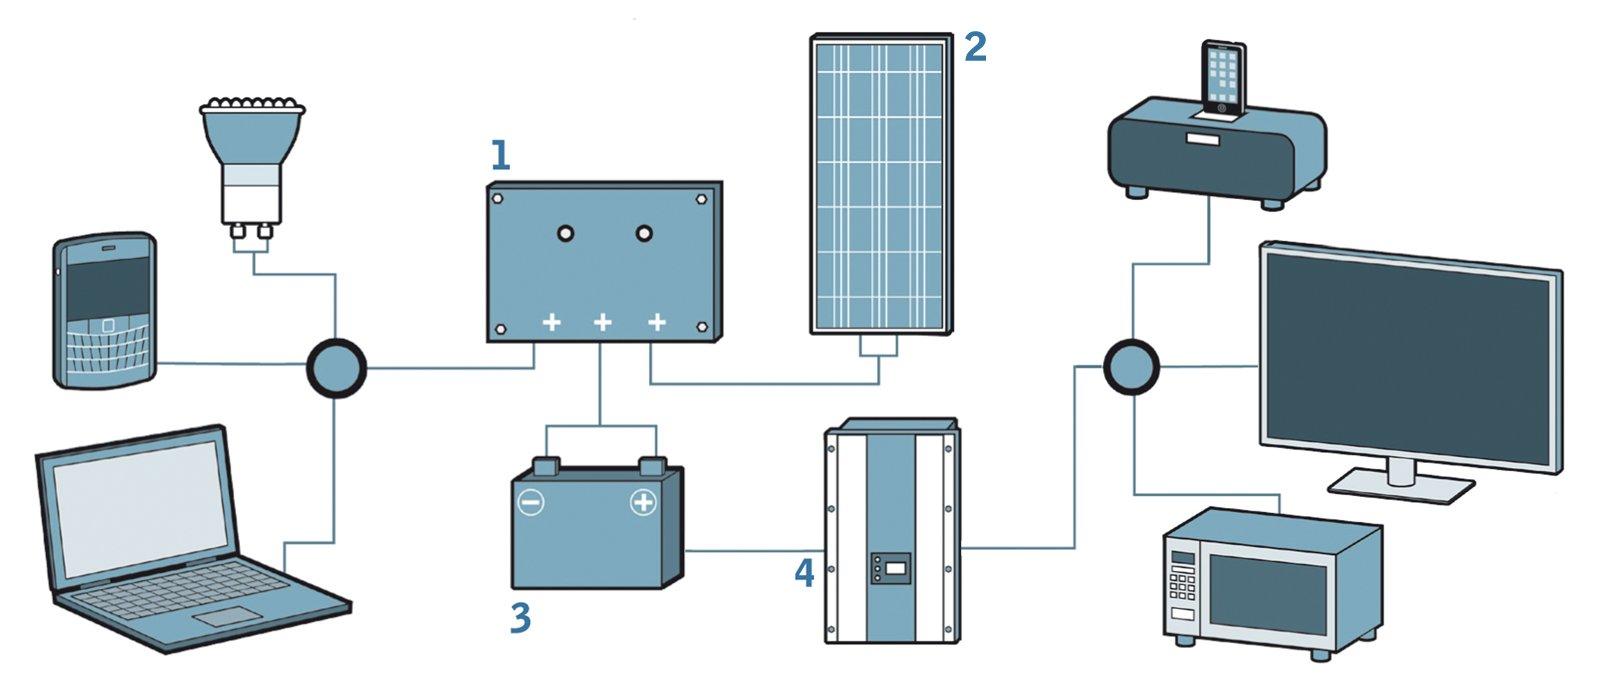 Schema Elettrico Camper : Regolatore di carica regduo a pwm v per due batterie camper